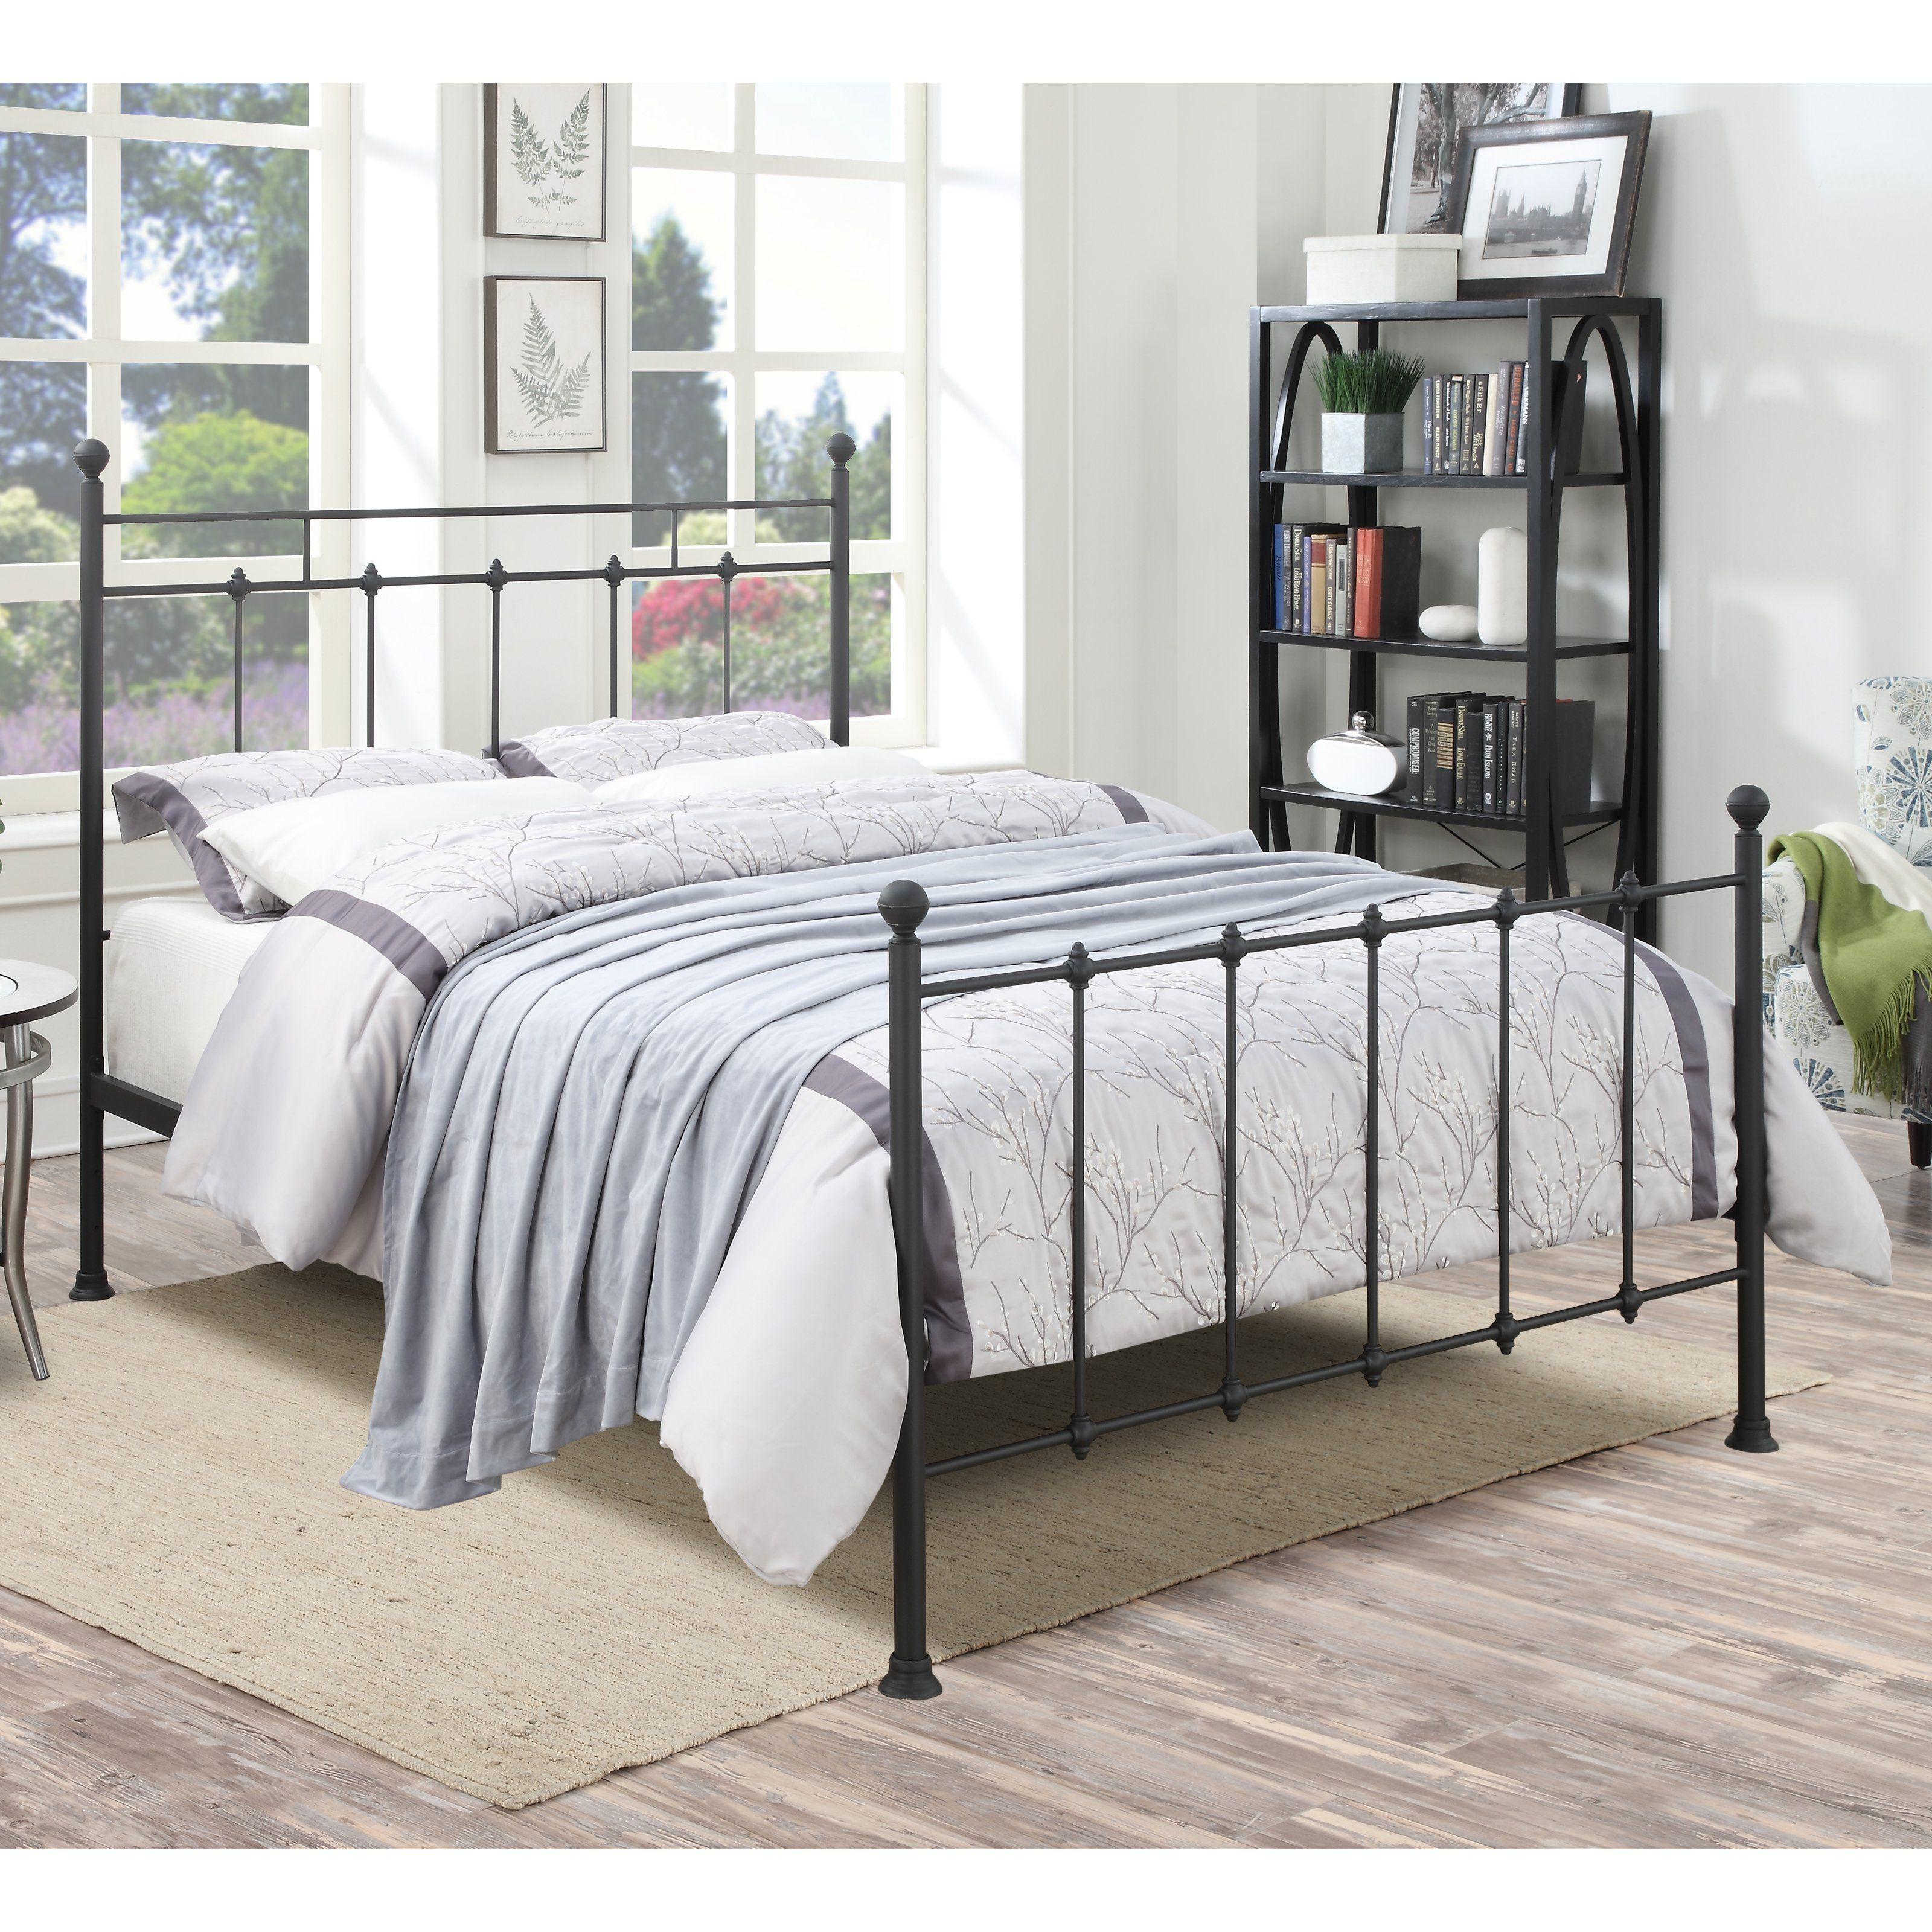 Best Home Meridian Stockbridge Standard Queen Bed From Hayneedle Com Queen Metal Bed 640 x 480